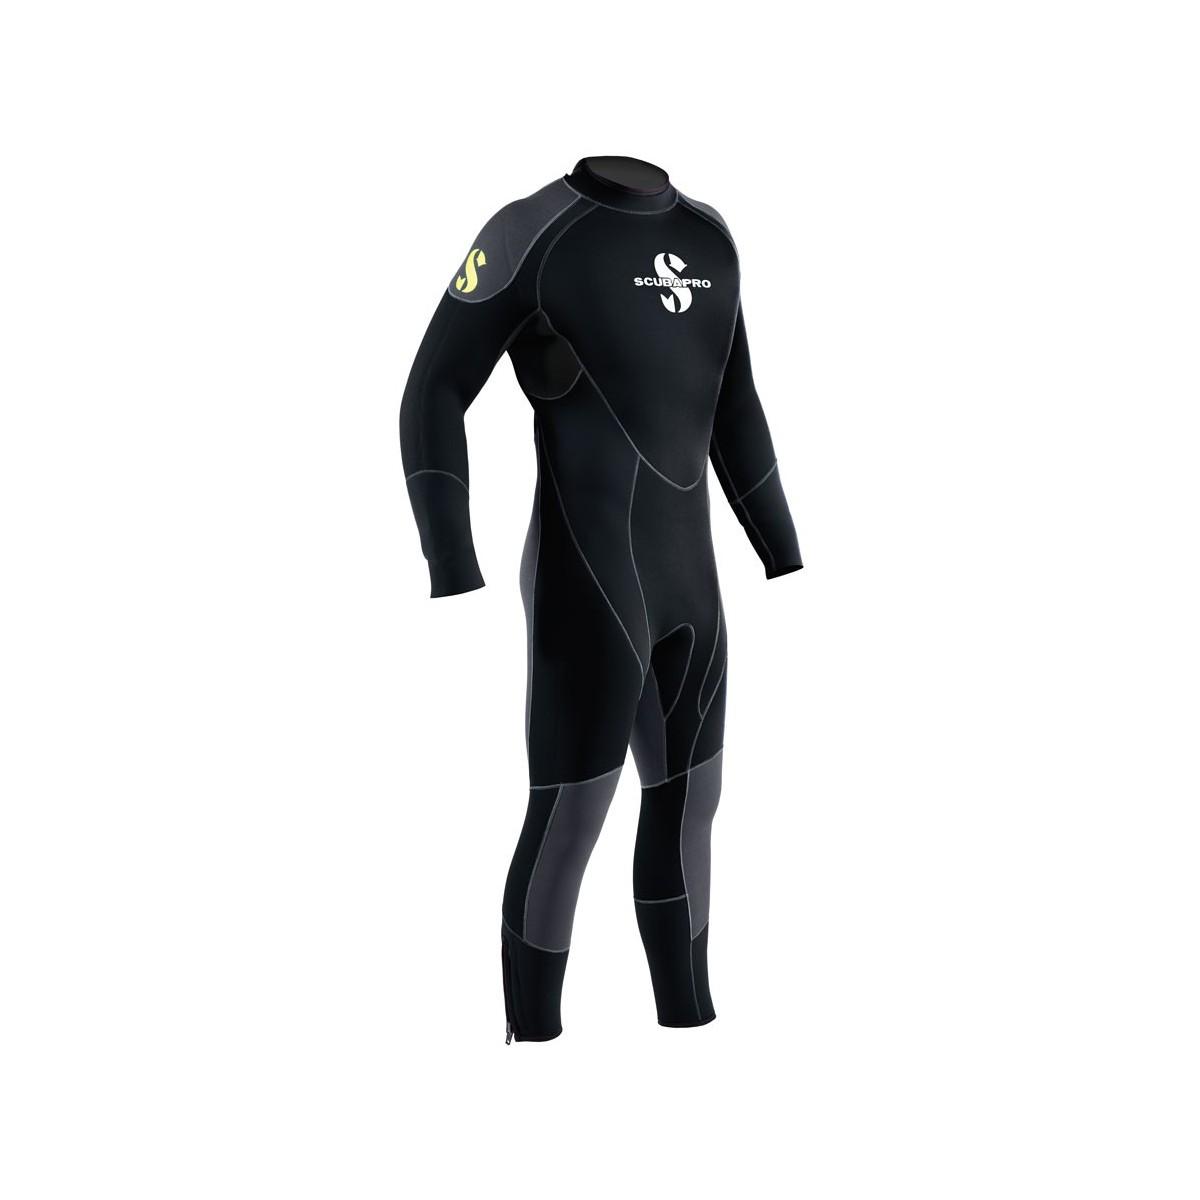 Scubapro Oneflex Mens 3mm Wetsuit